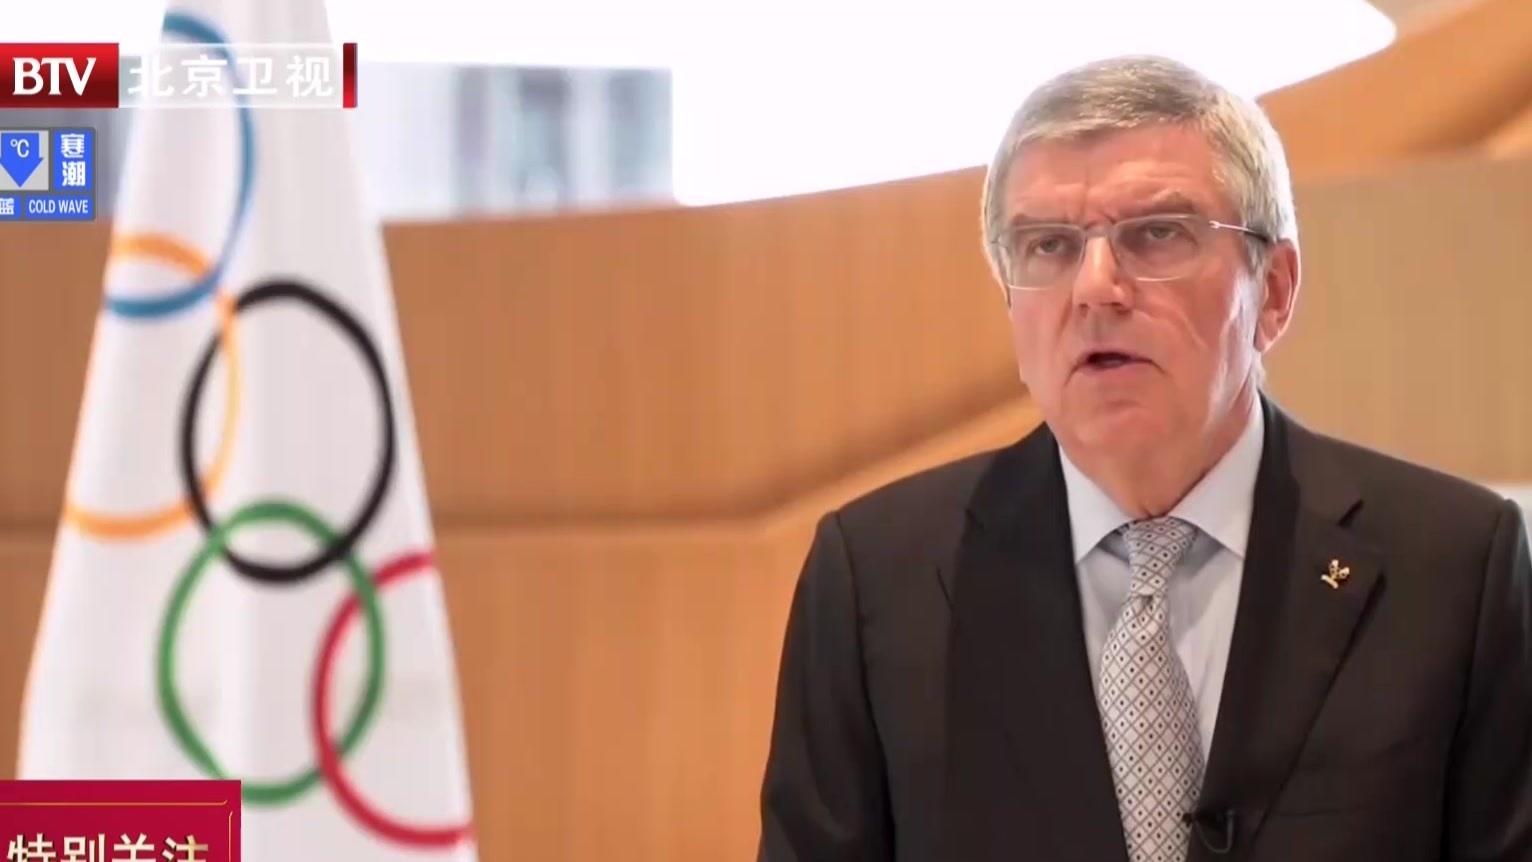 巴赫:推迟东京奥运是为挽救生命